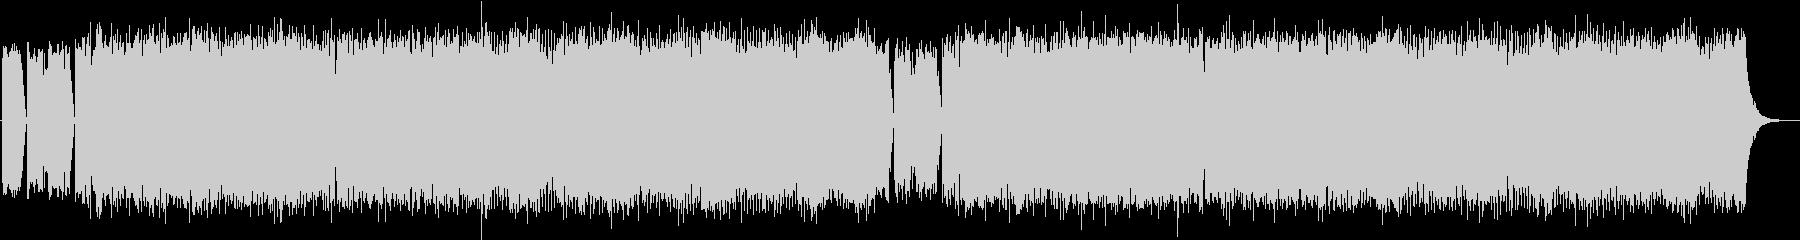 スリップノット風/重厚感メタルバンドの未再生の波形